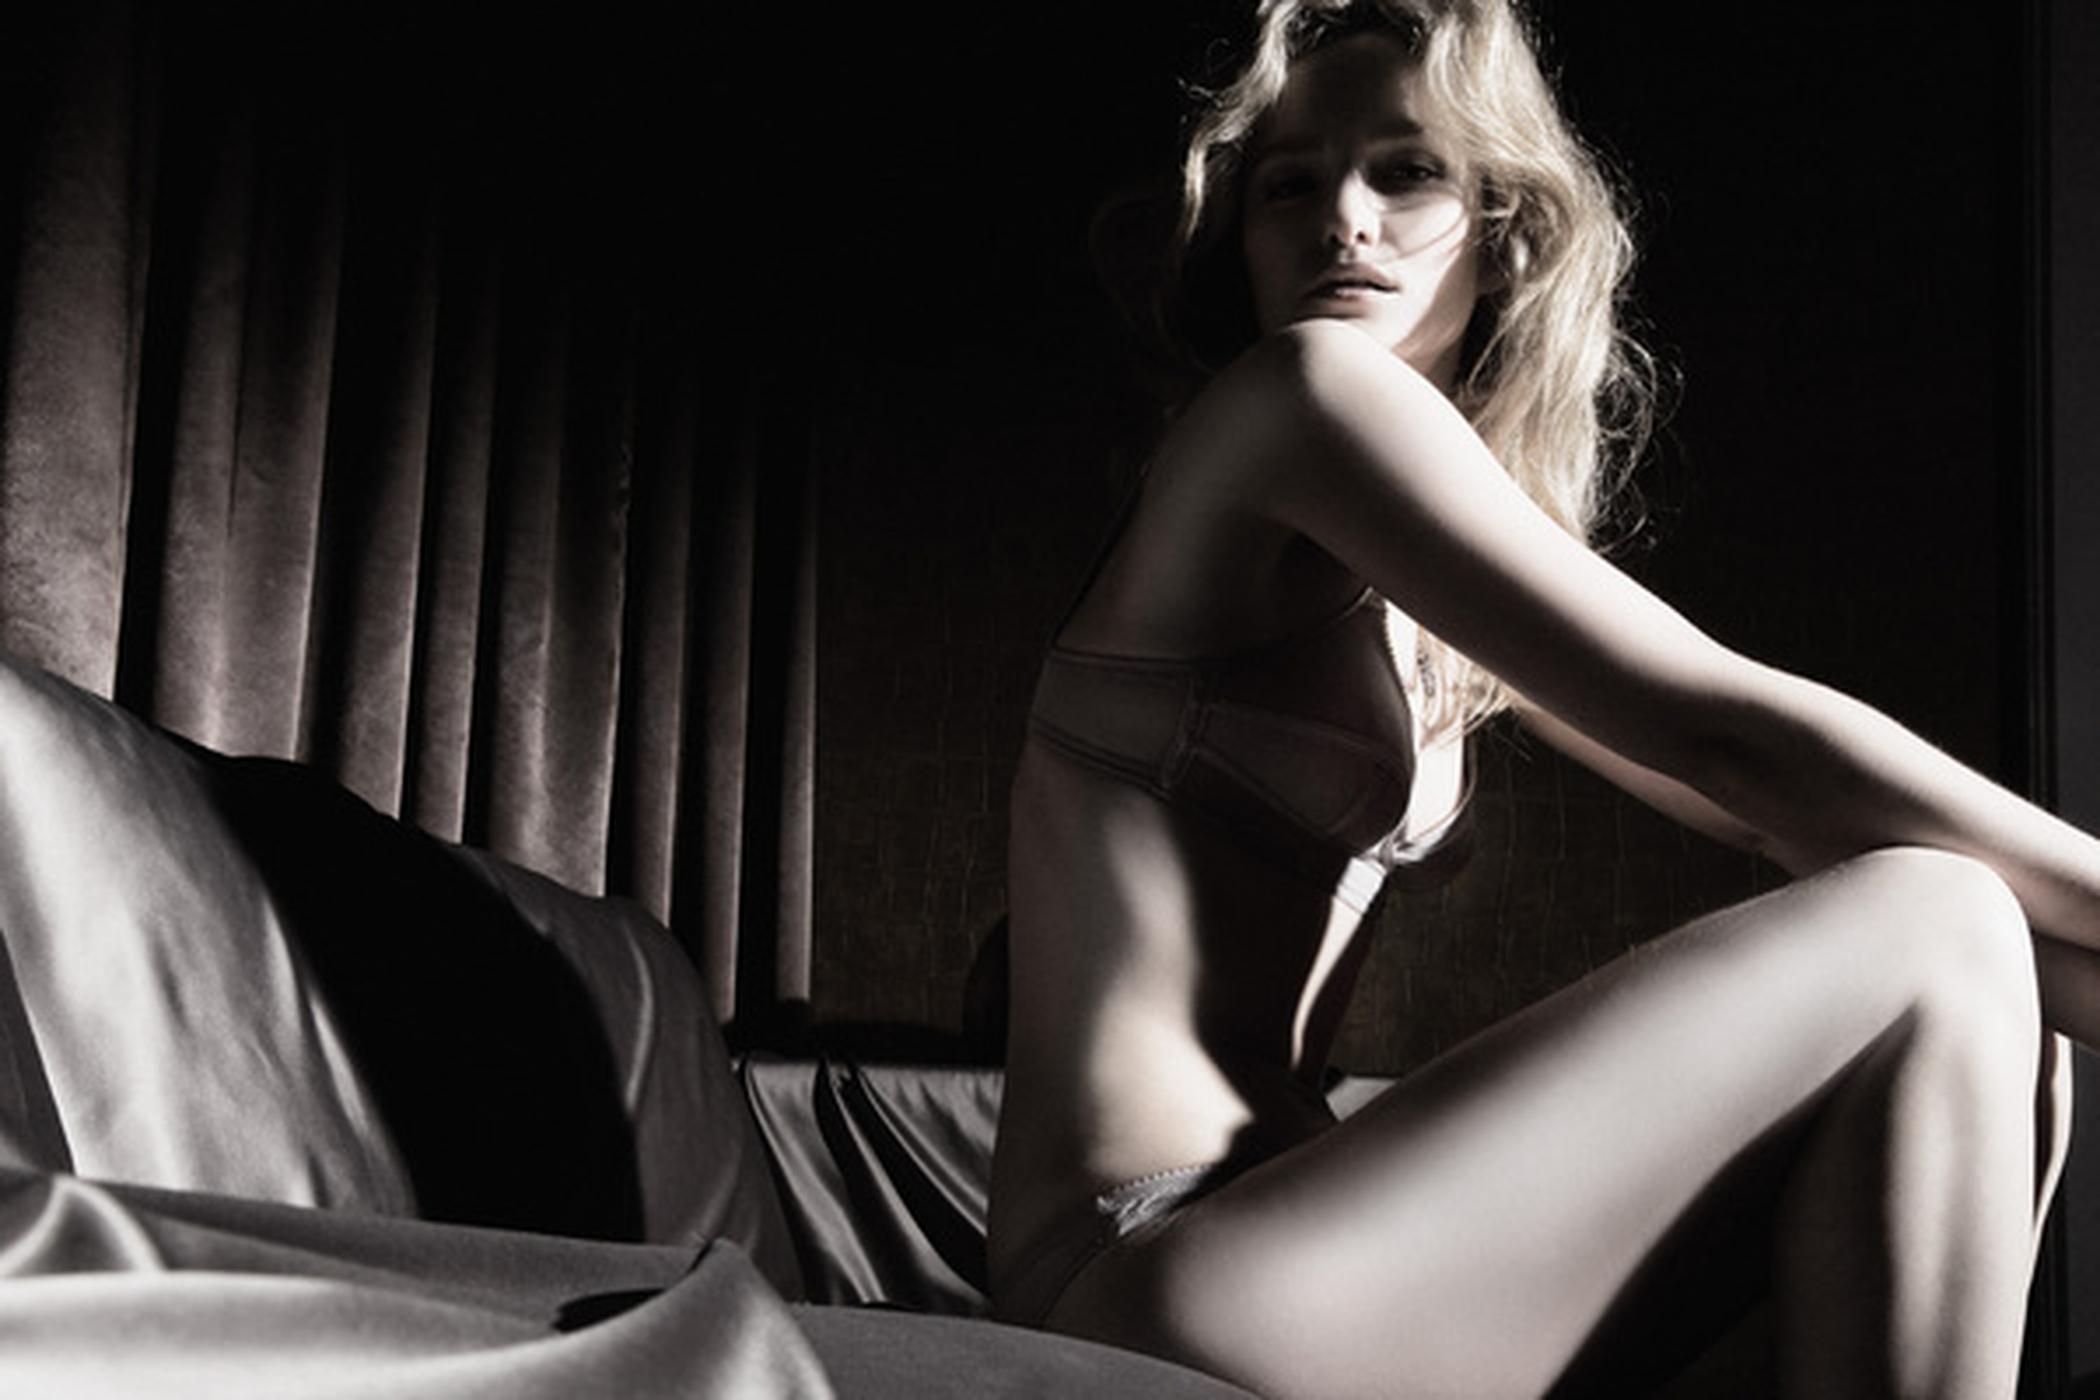 Прекрасные женские тела фото 3 фотография